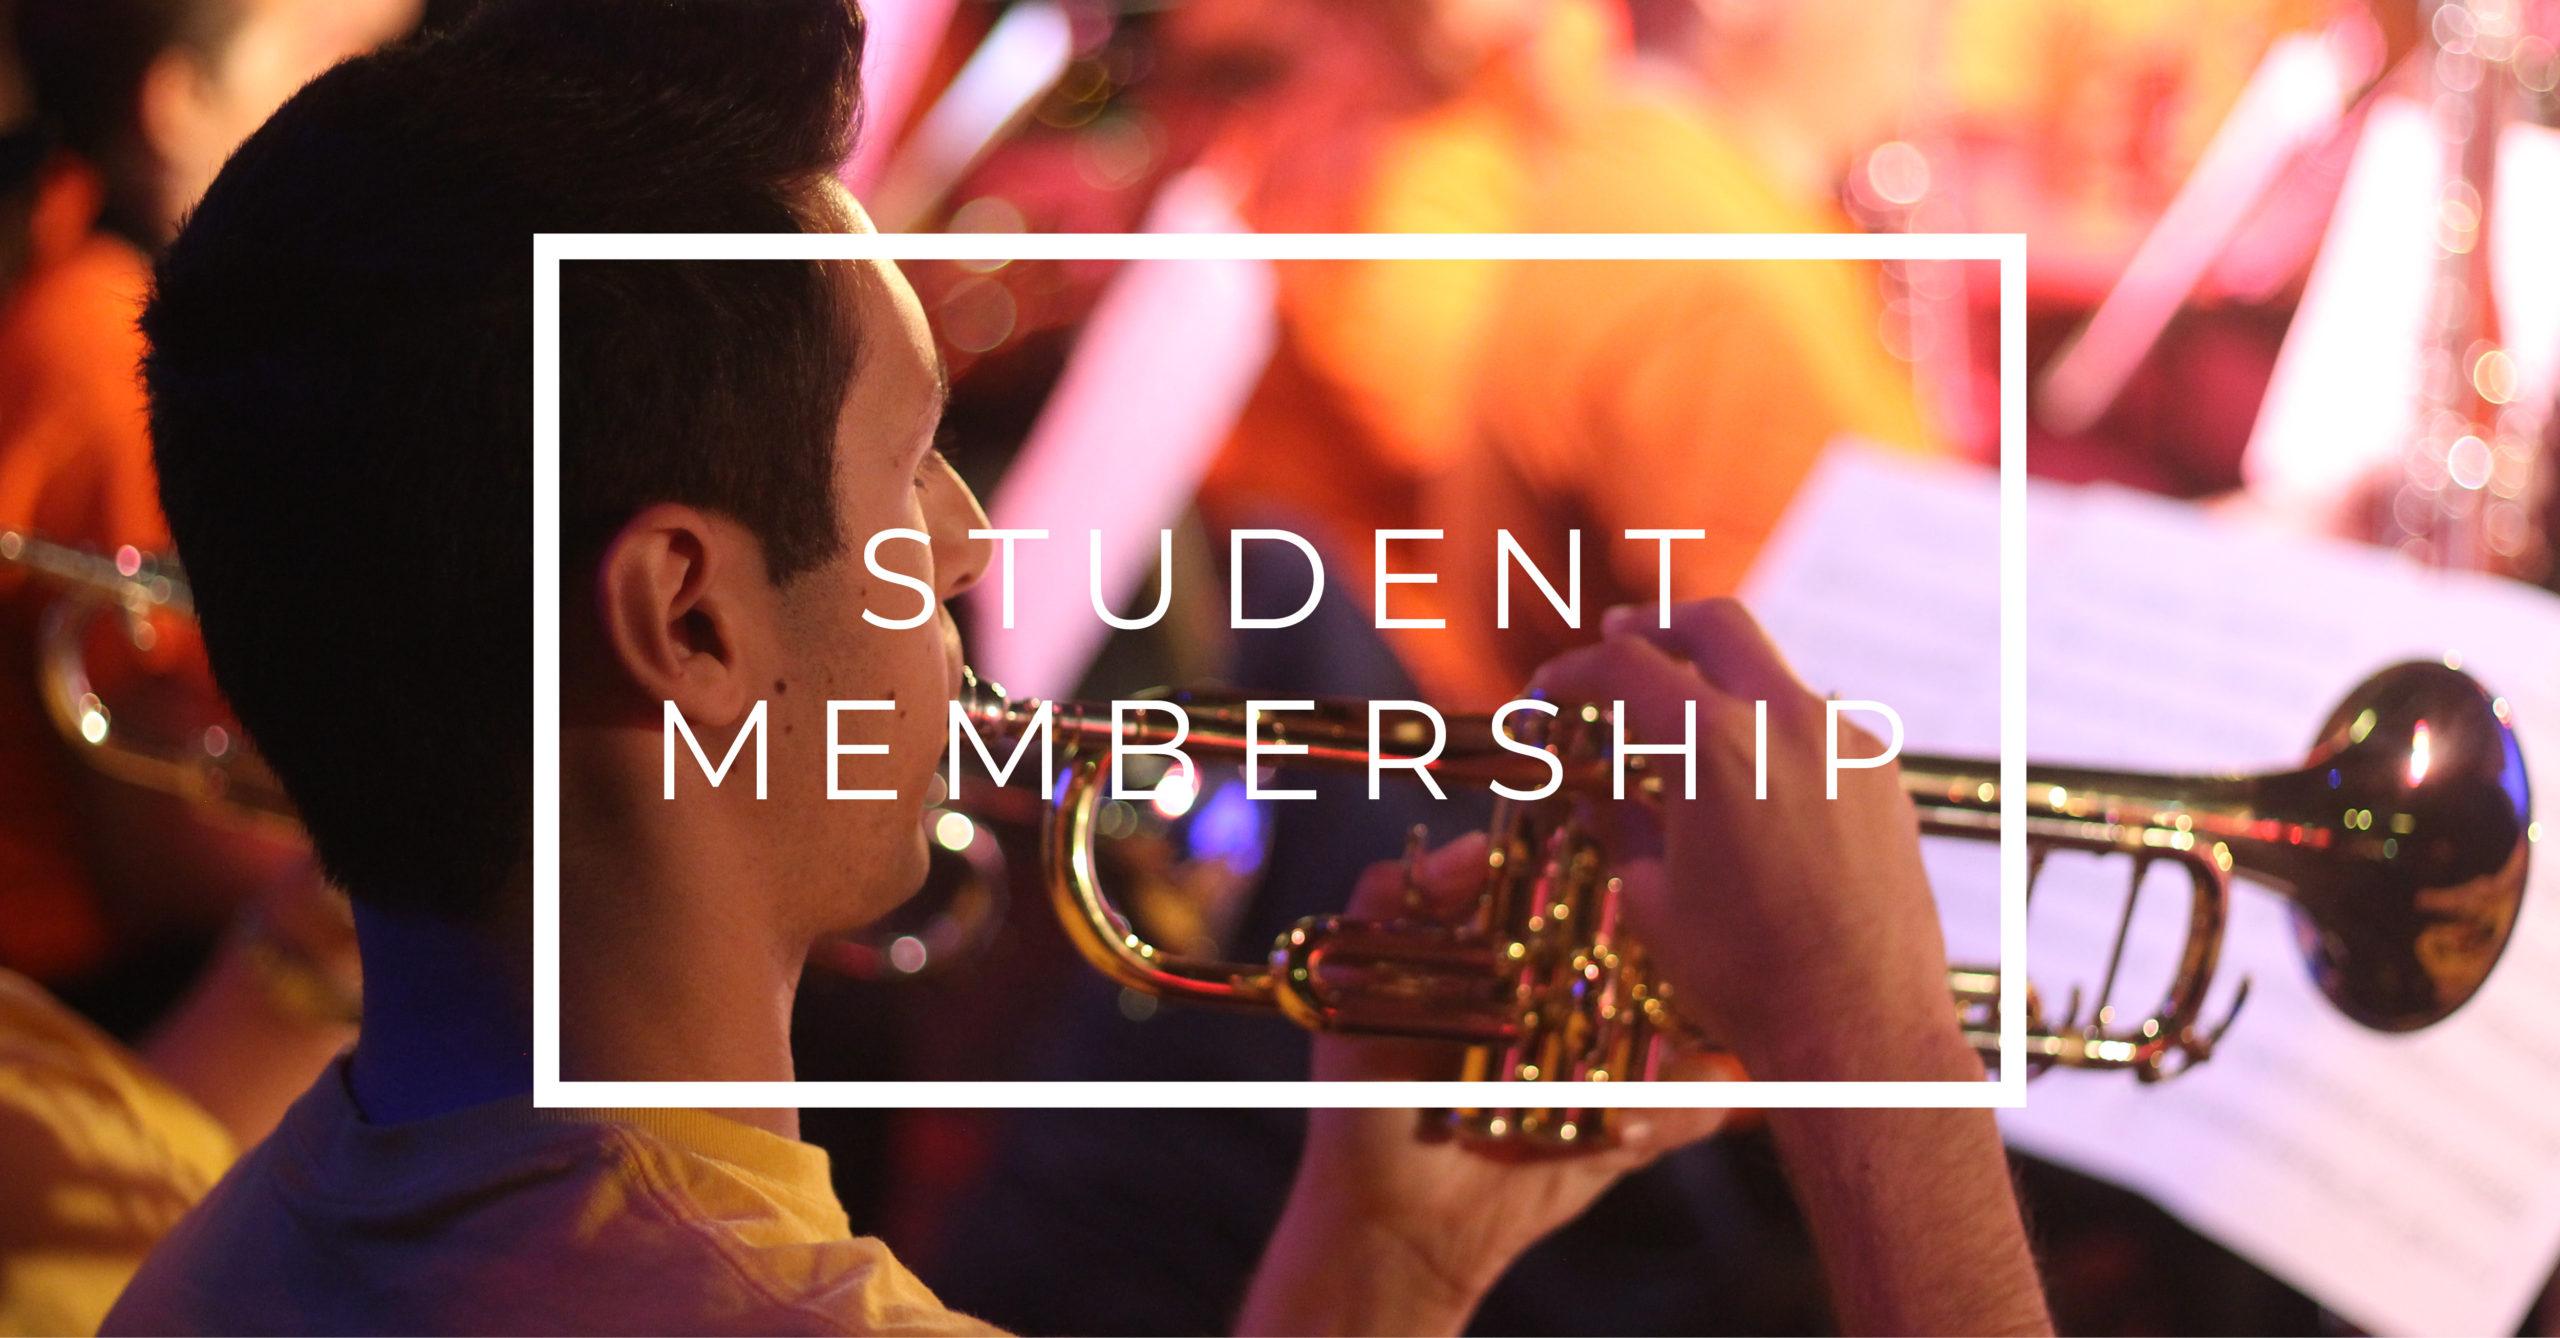 Rusty Membership – Student